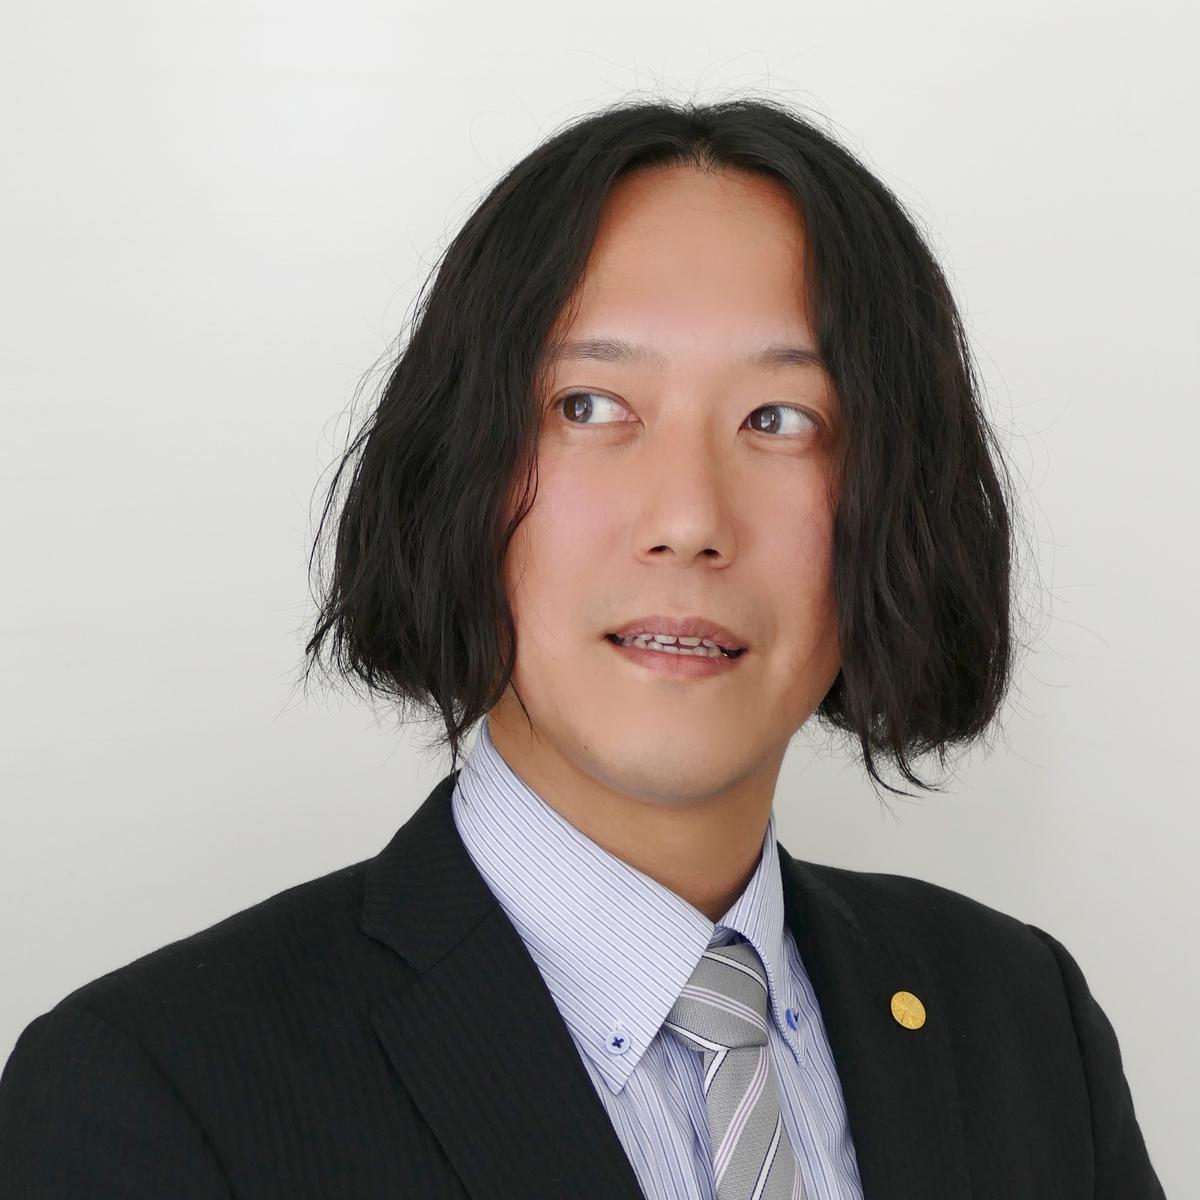 矢野プロフィール画像